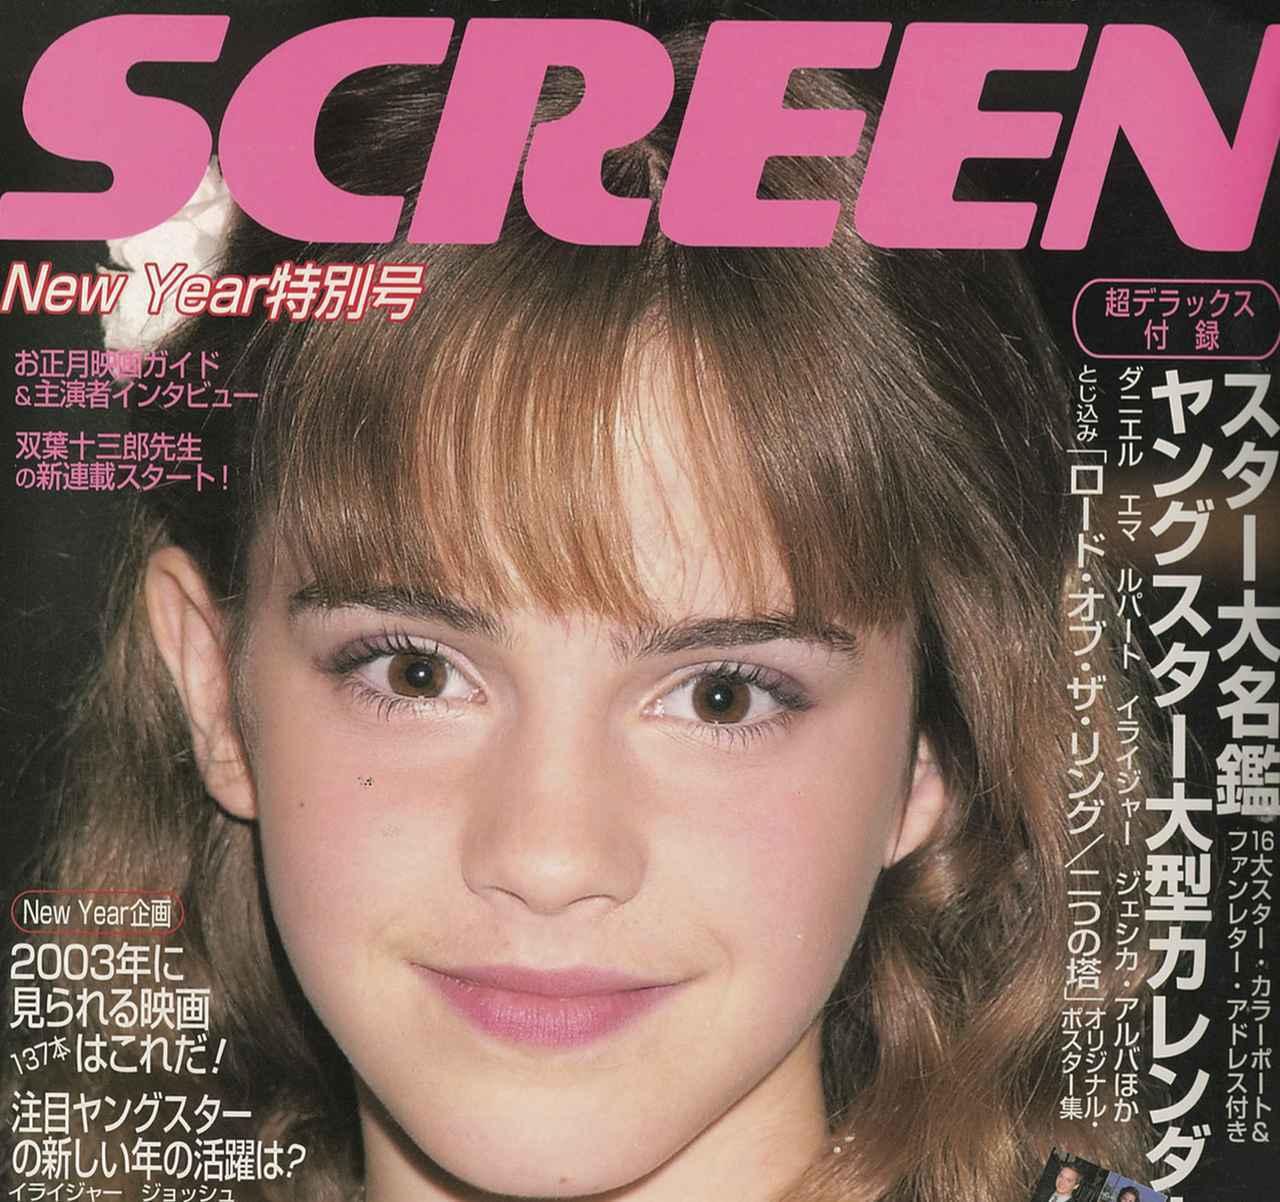 画像: エマ・ワトソンが初めてSCREENの表紙を飾った2003年をプレーバック!あの日のSCREEN! - SCREEN ONLINE(スクリーンオンライン)